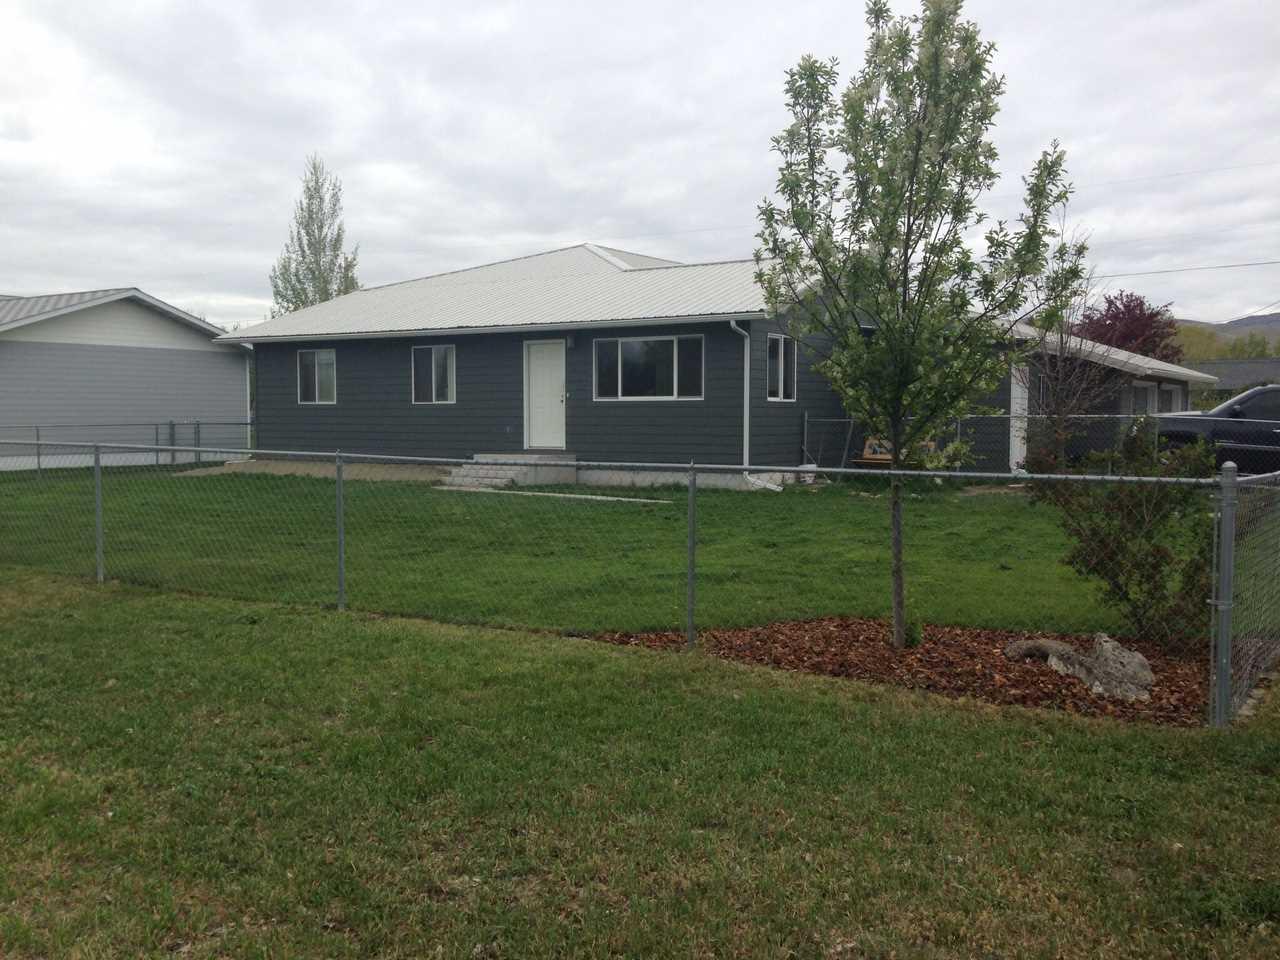 400 S Walnut St, Townsend, MT 59644